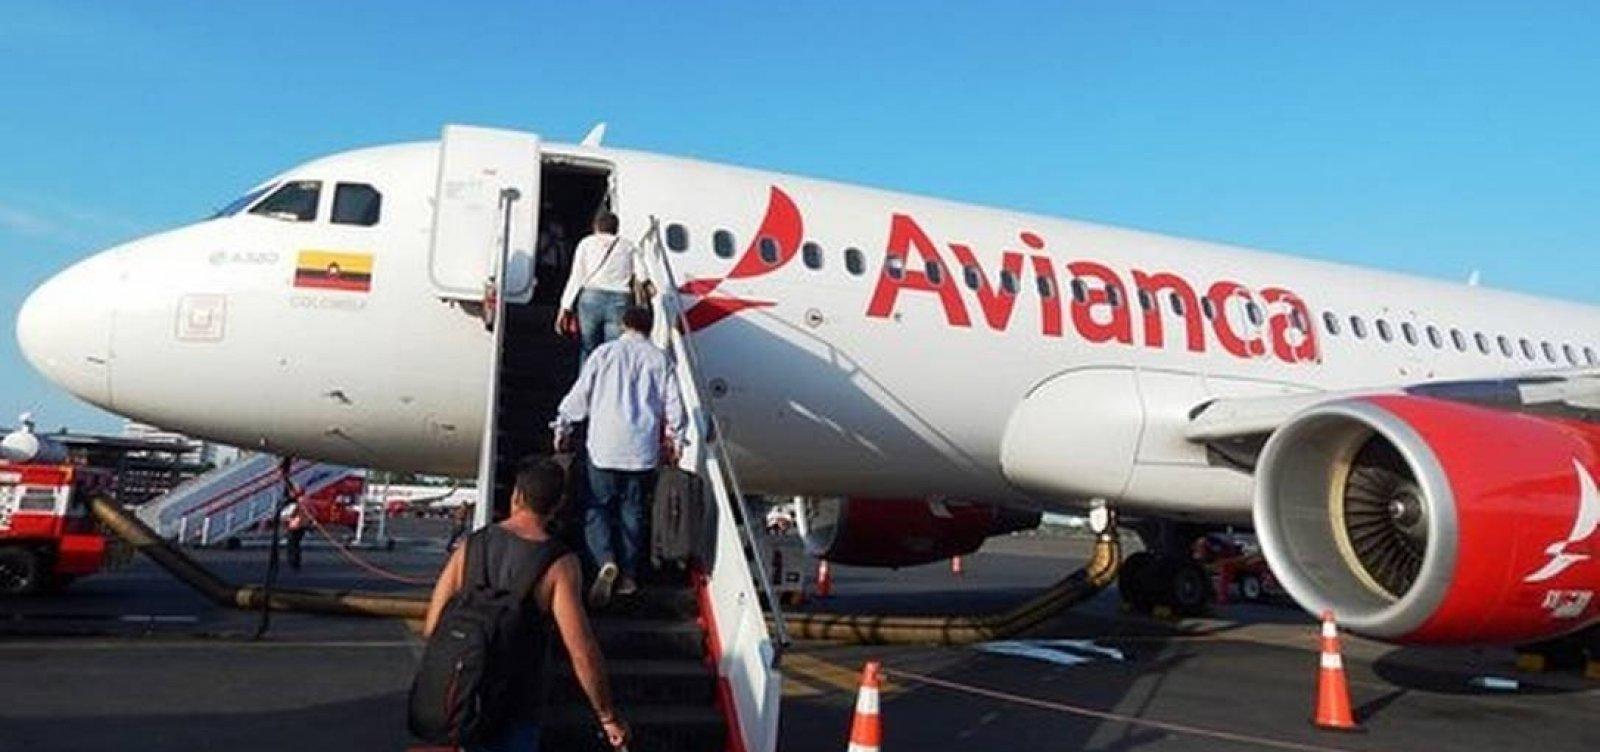 Justiça rejeita proposta da Azul para venda de ativos da Avianca